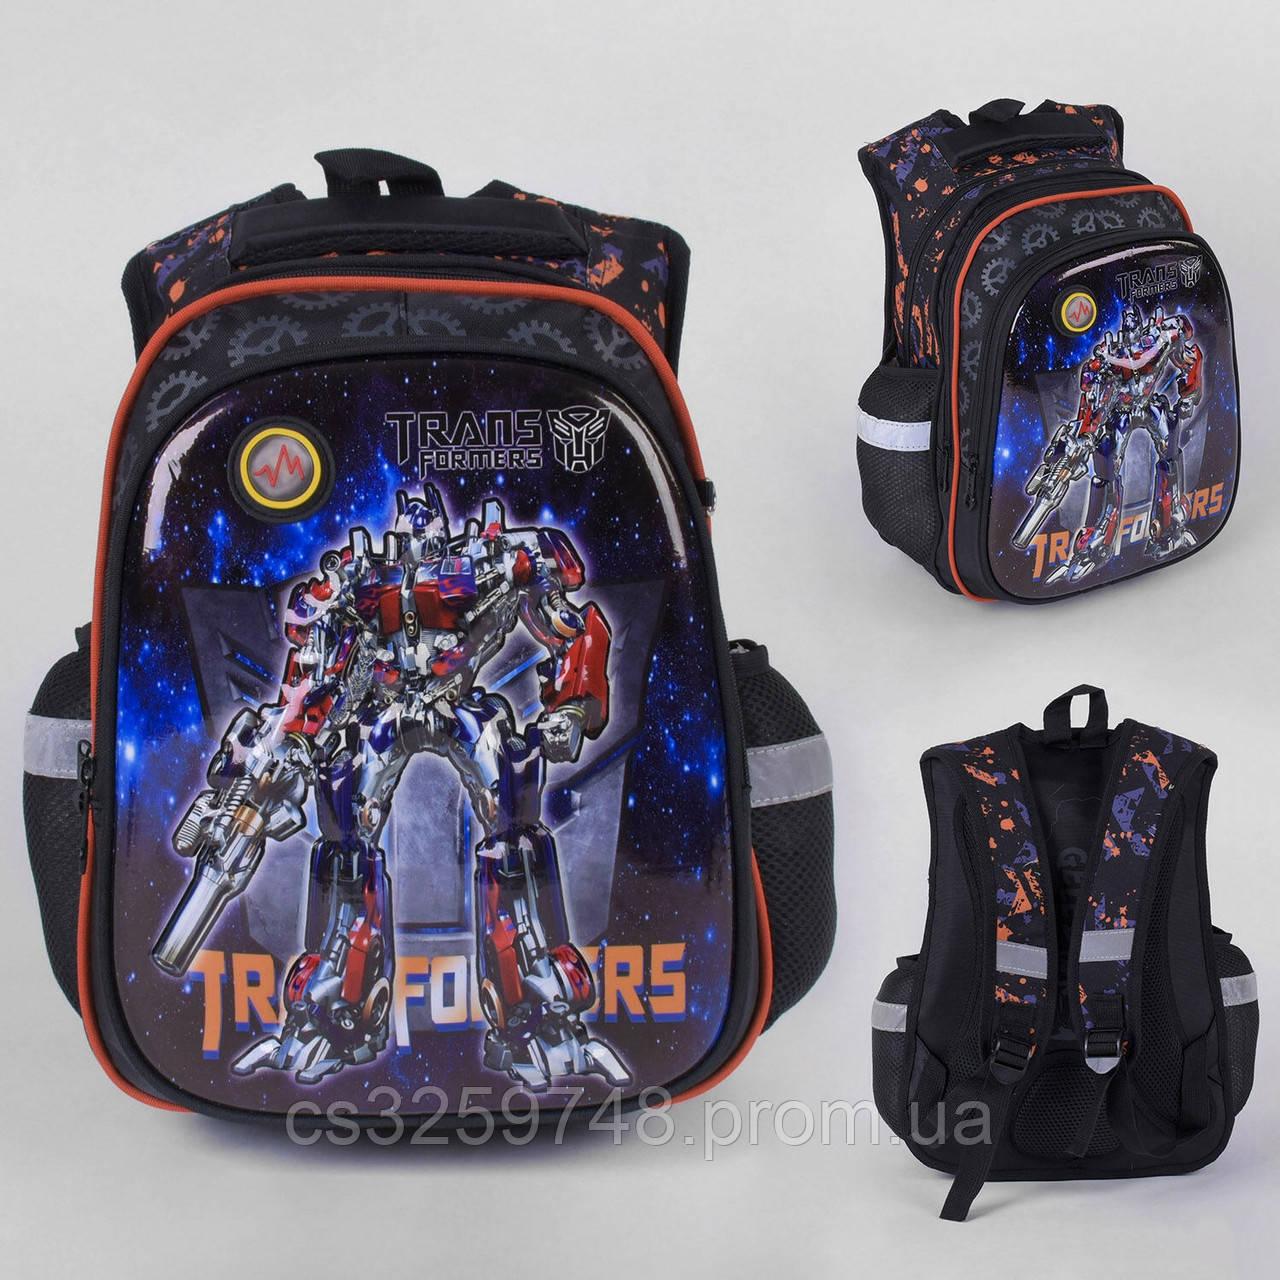 Детский школьный рюкзак С 43651